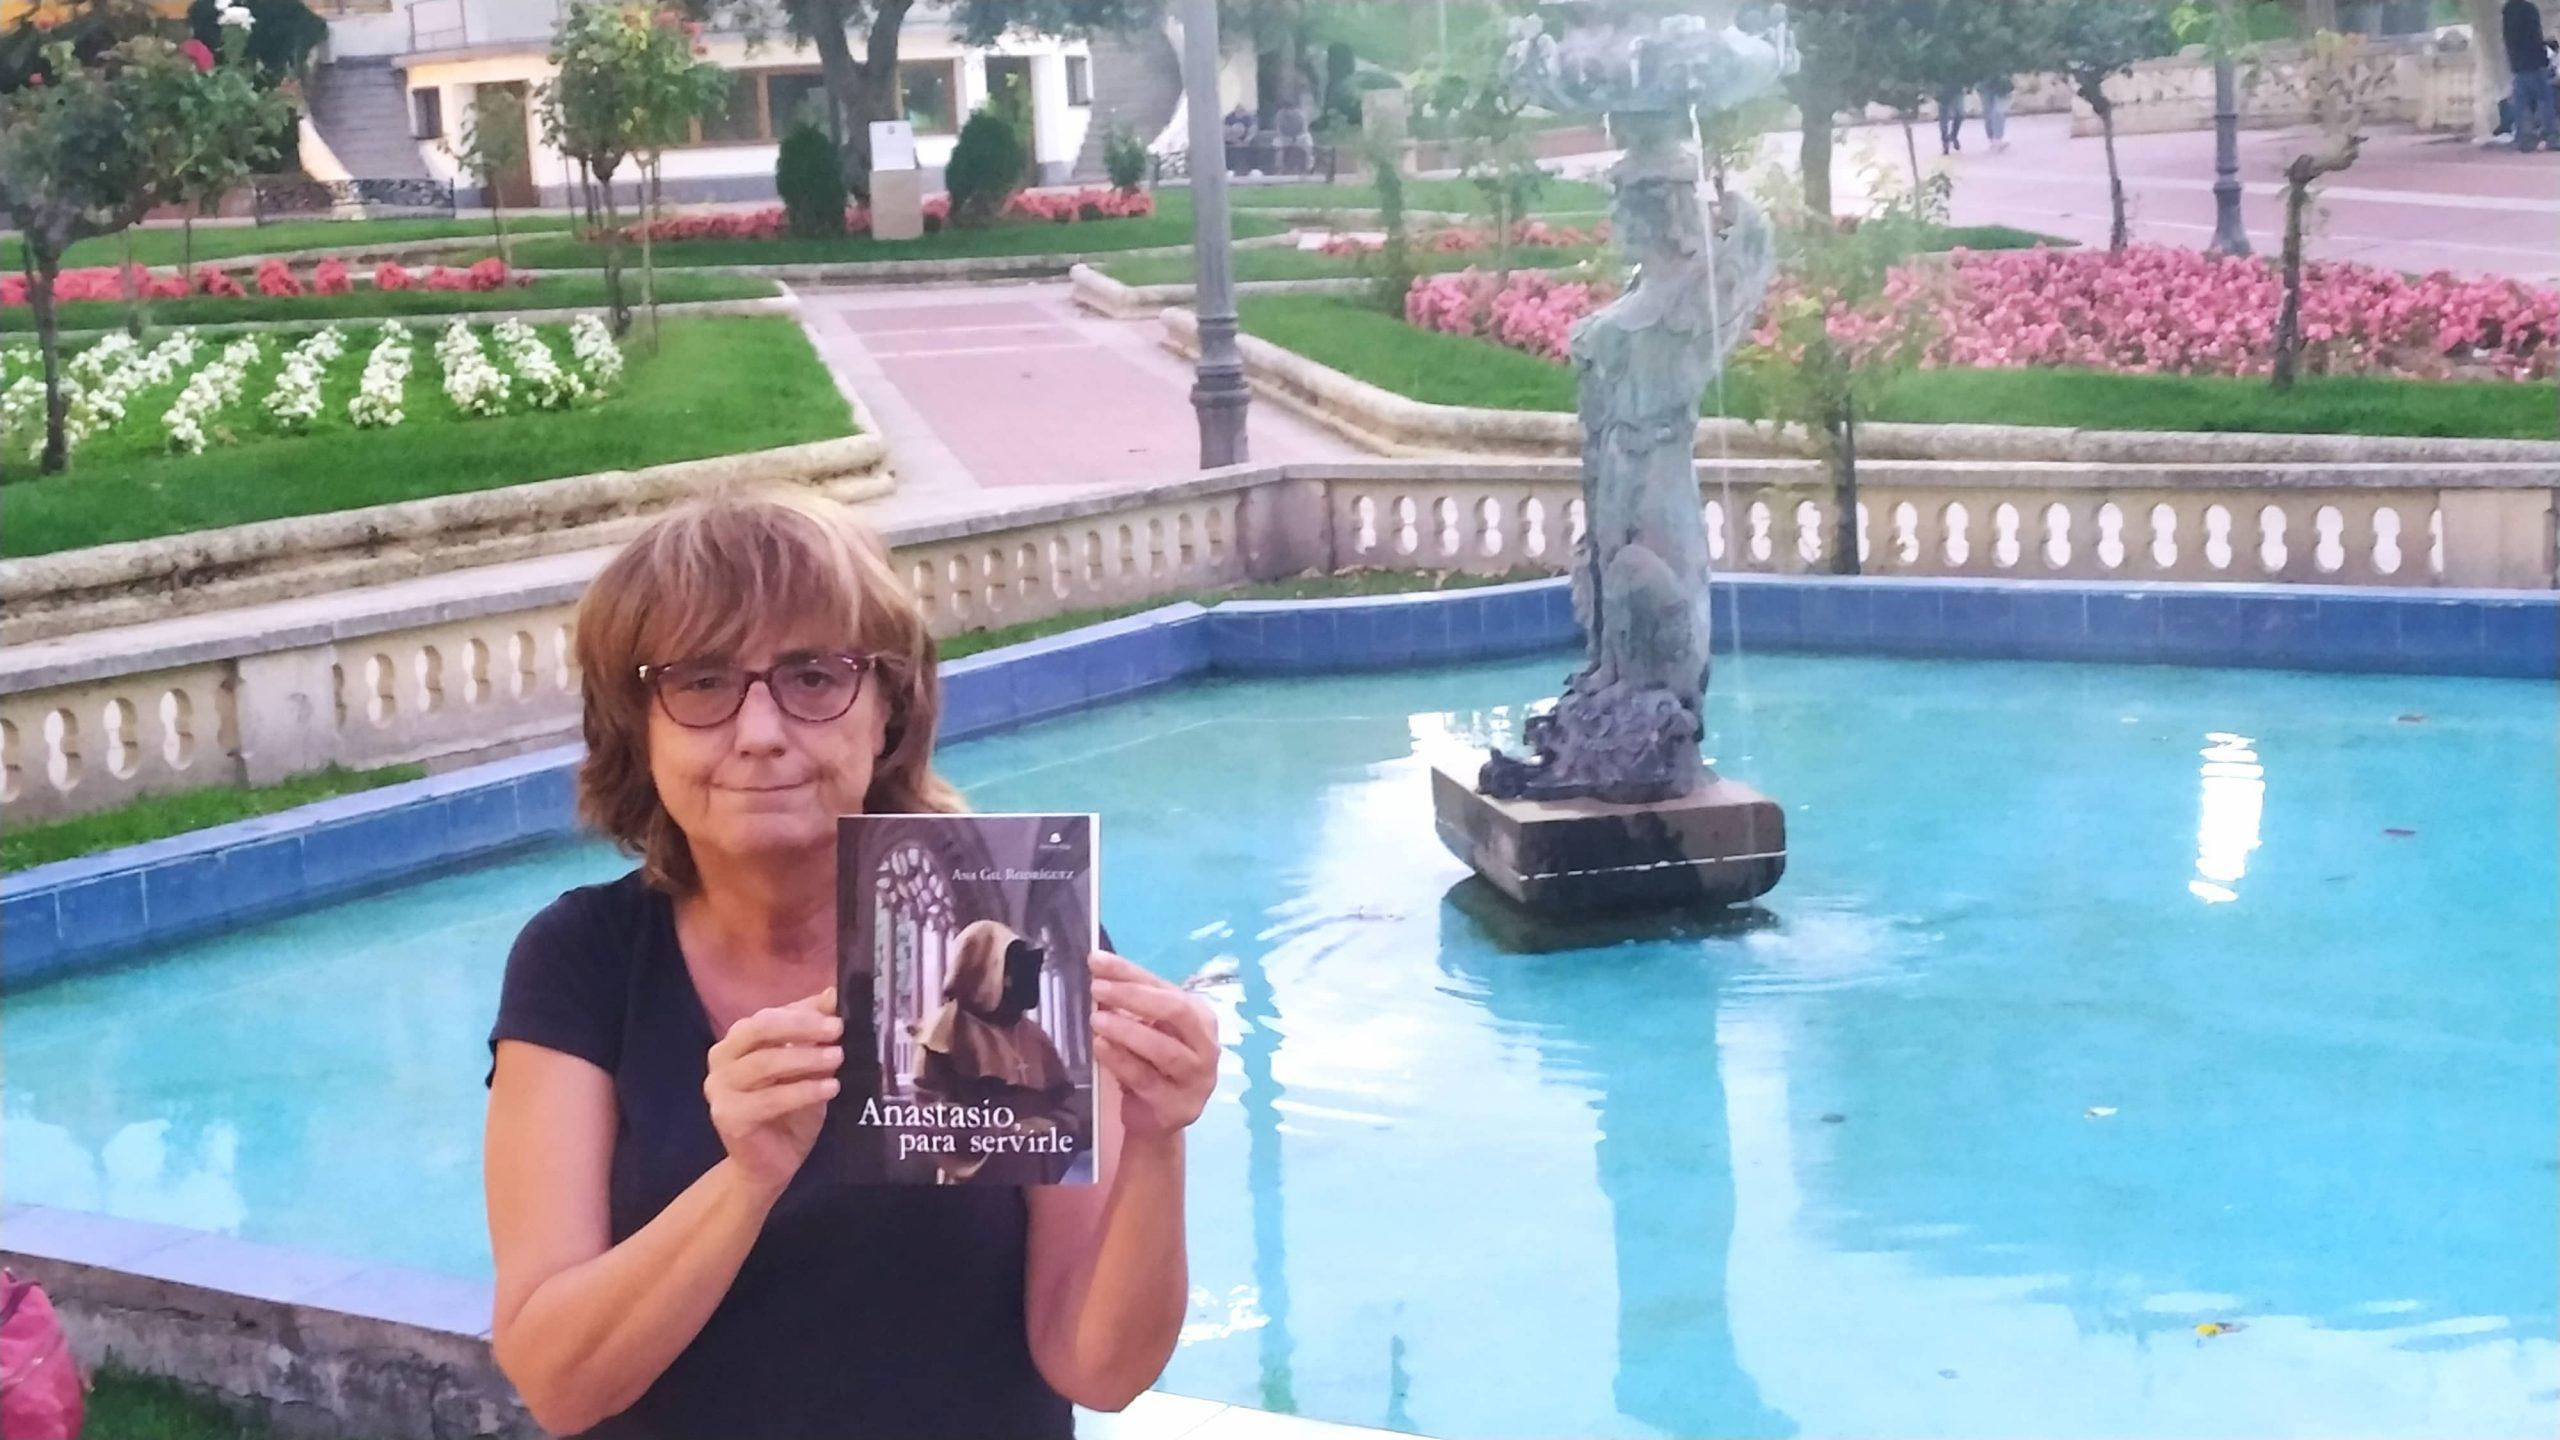 Charlamos con Ana Isabel Gil Rodríguez, autora de «La casa de Daniela» y «Anastasio, para servirle»